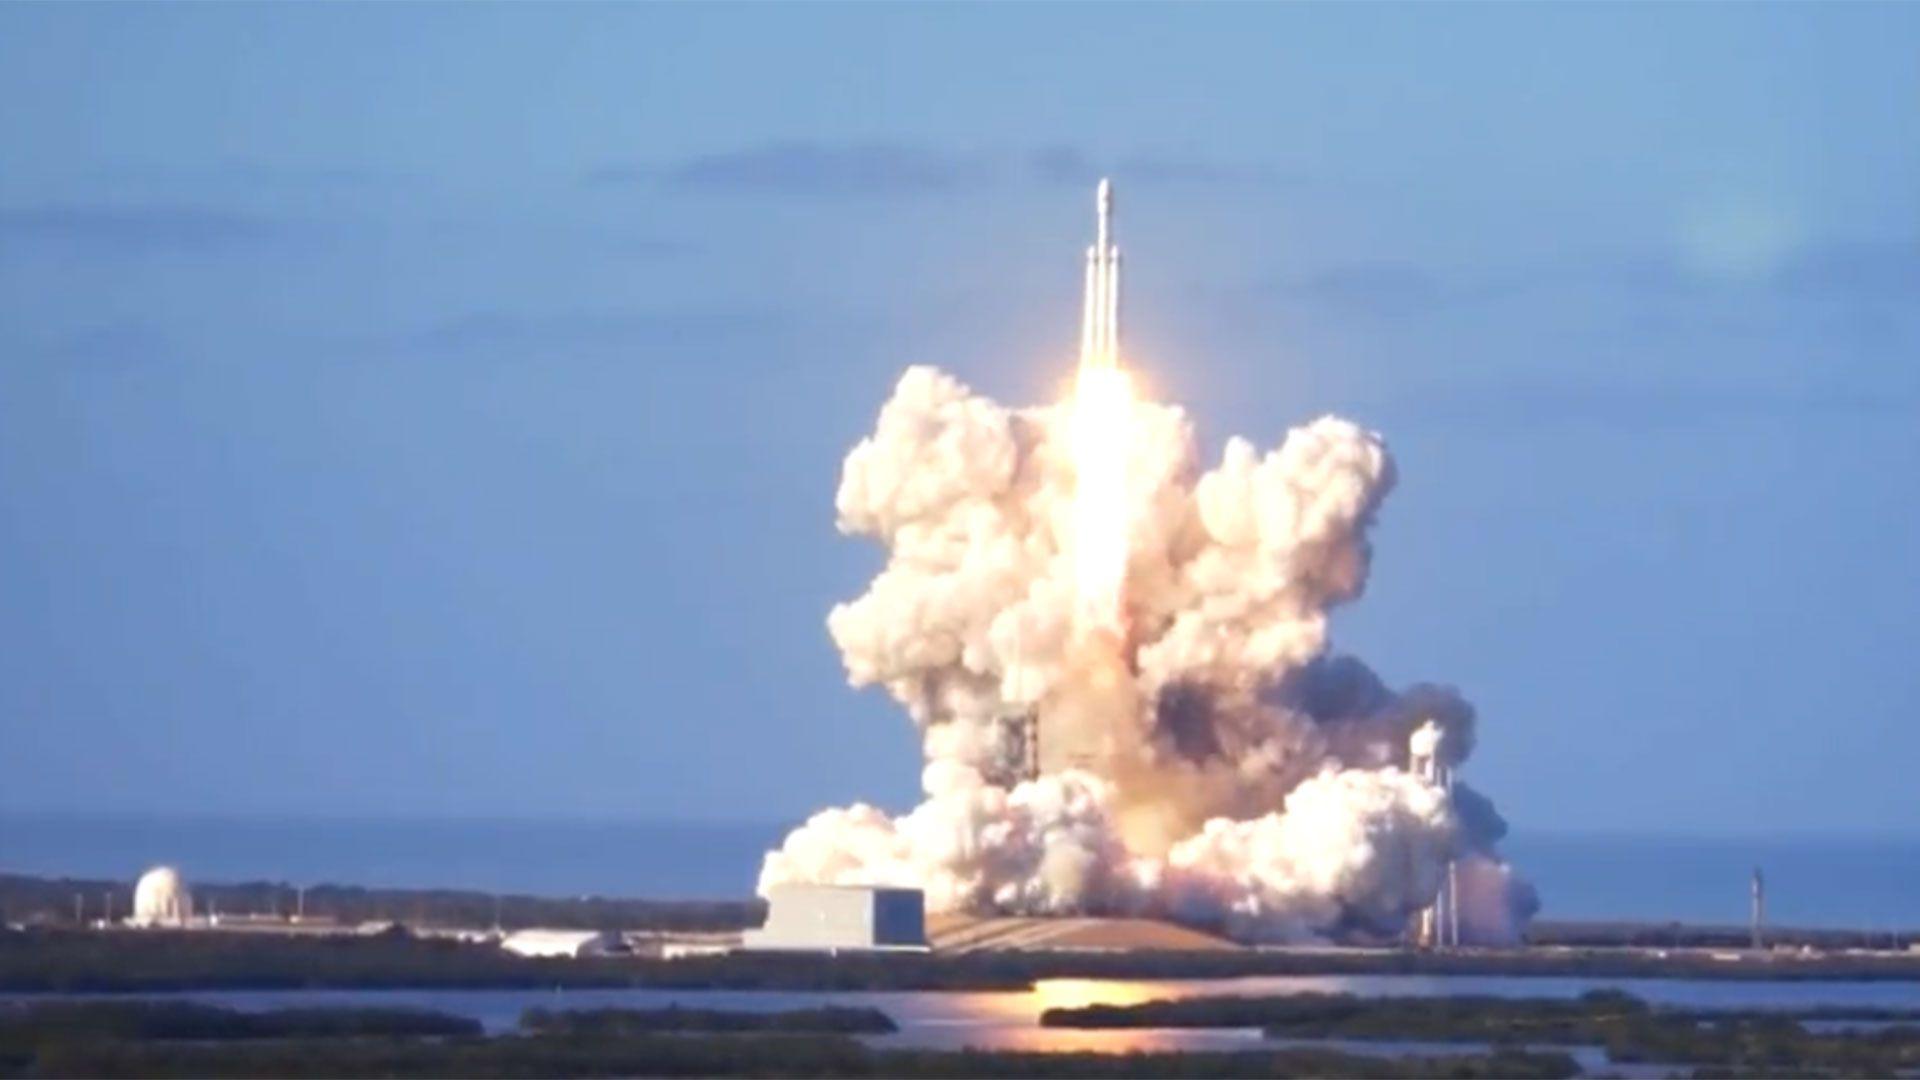 El 2020 será un gran año en materia espacial, con múltiples misiones a distintos destinos y el estreno del turismo espacial comercial en forma regular (SPACEX)